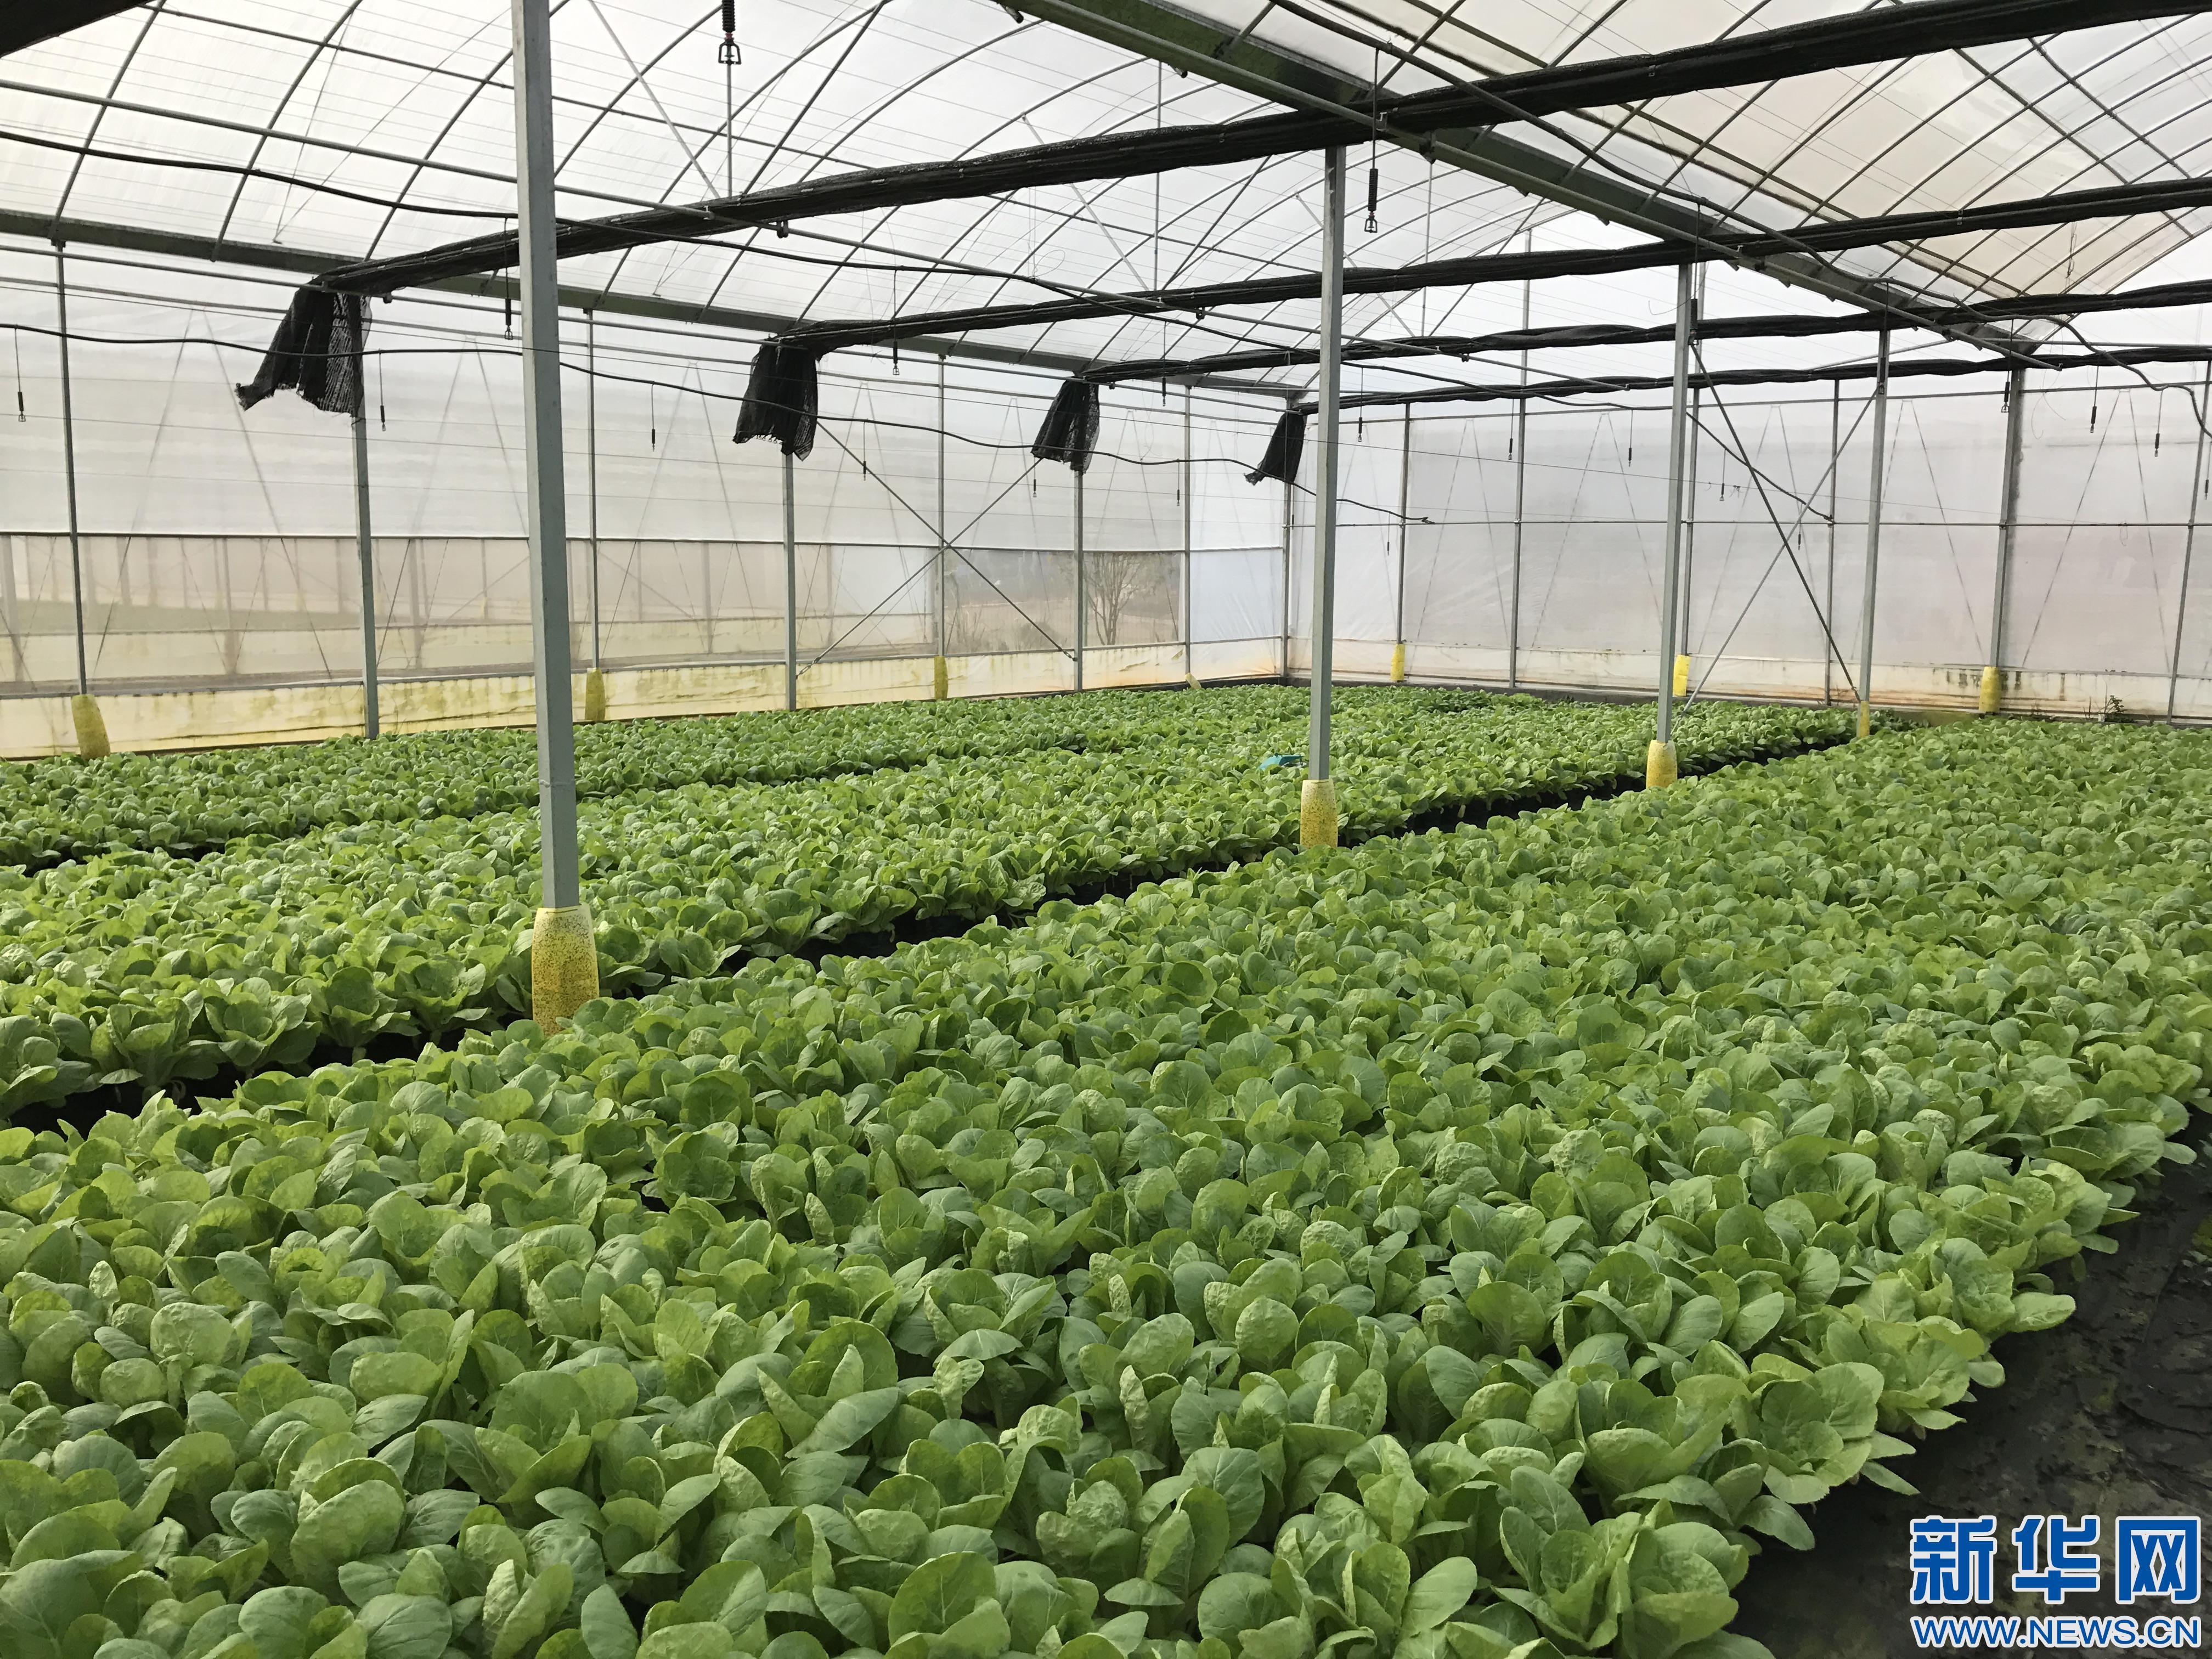 """图为""""盆栽无土栽培""""智能温室大棚蔬菜基地里的蔬菜."""